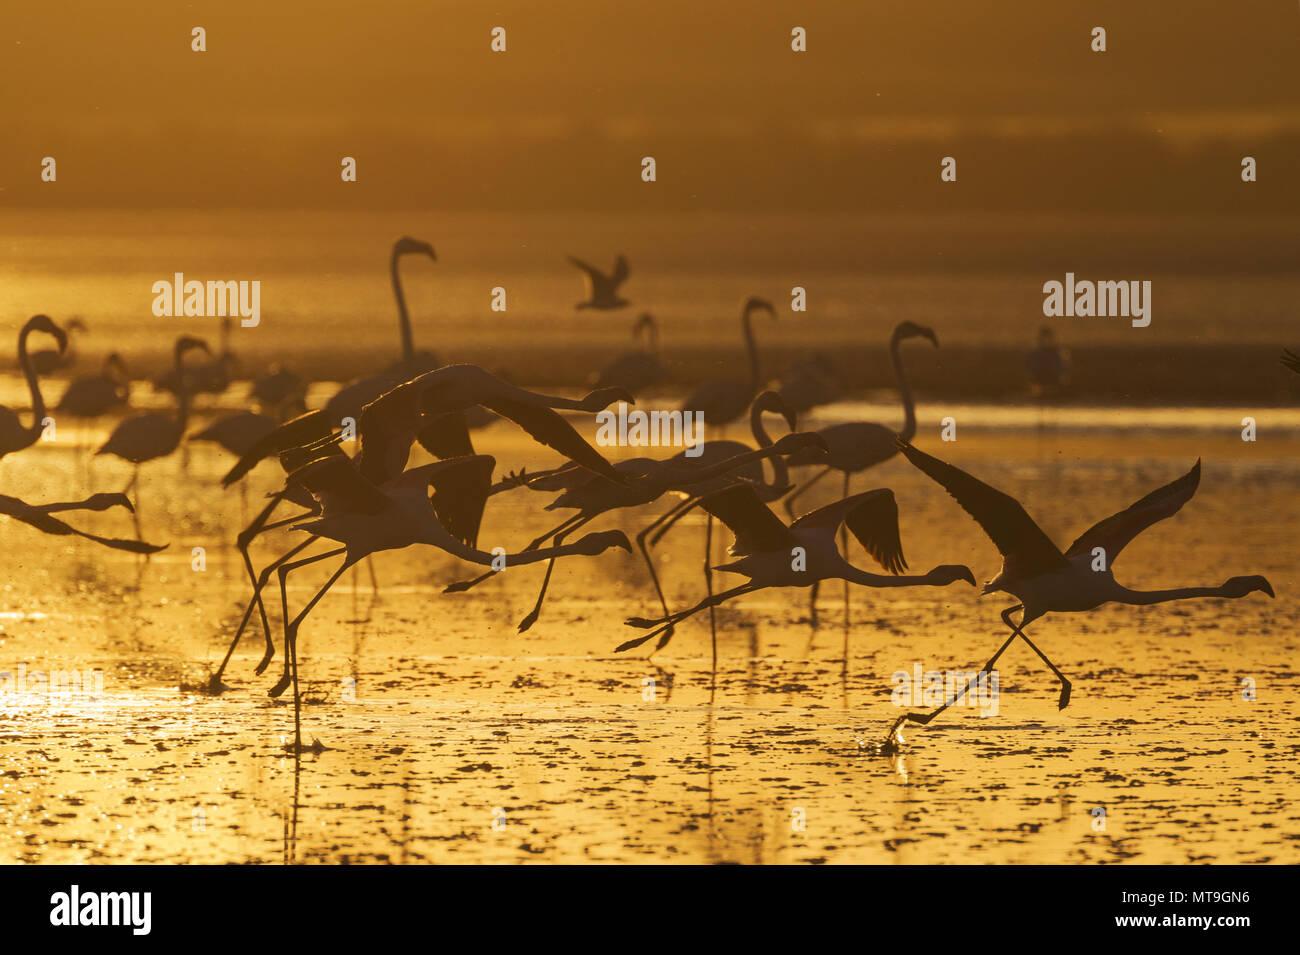 Flamant rose (Phoenicopterus roseus). Group s'envolent au coucher du soleil à la Laguna de Fuente de Piedra, près de la ville d'Antequera. C'est le plus grand lac naturel de l'Andalousie et l'Europe est qu'à l'intérieur des terres de reproduction pour cette espèce. La province de Malaga, Andalousie, espagne. Photo Stock